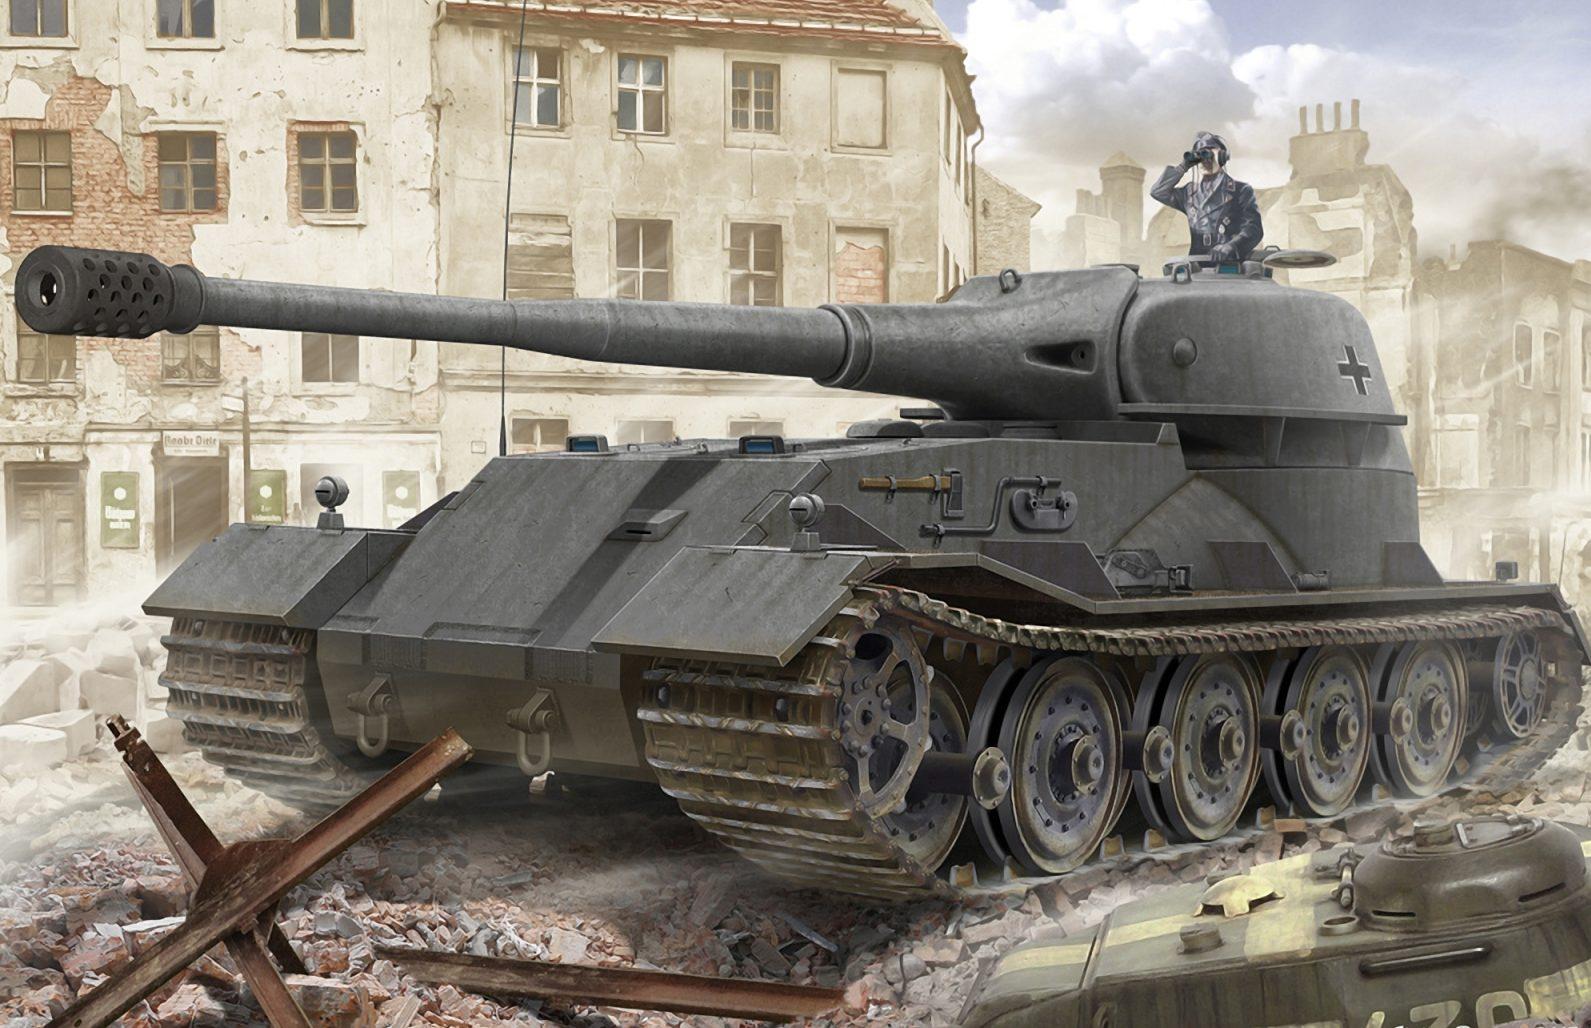 Петелин Валерий. Танк VK-7201.